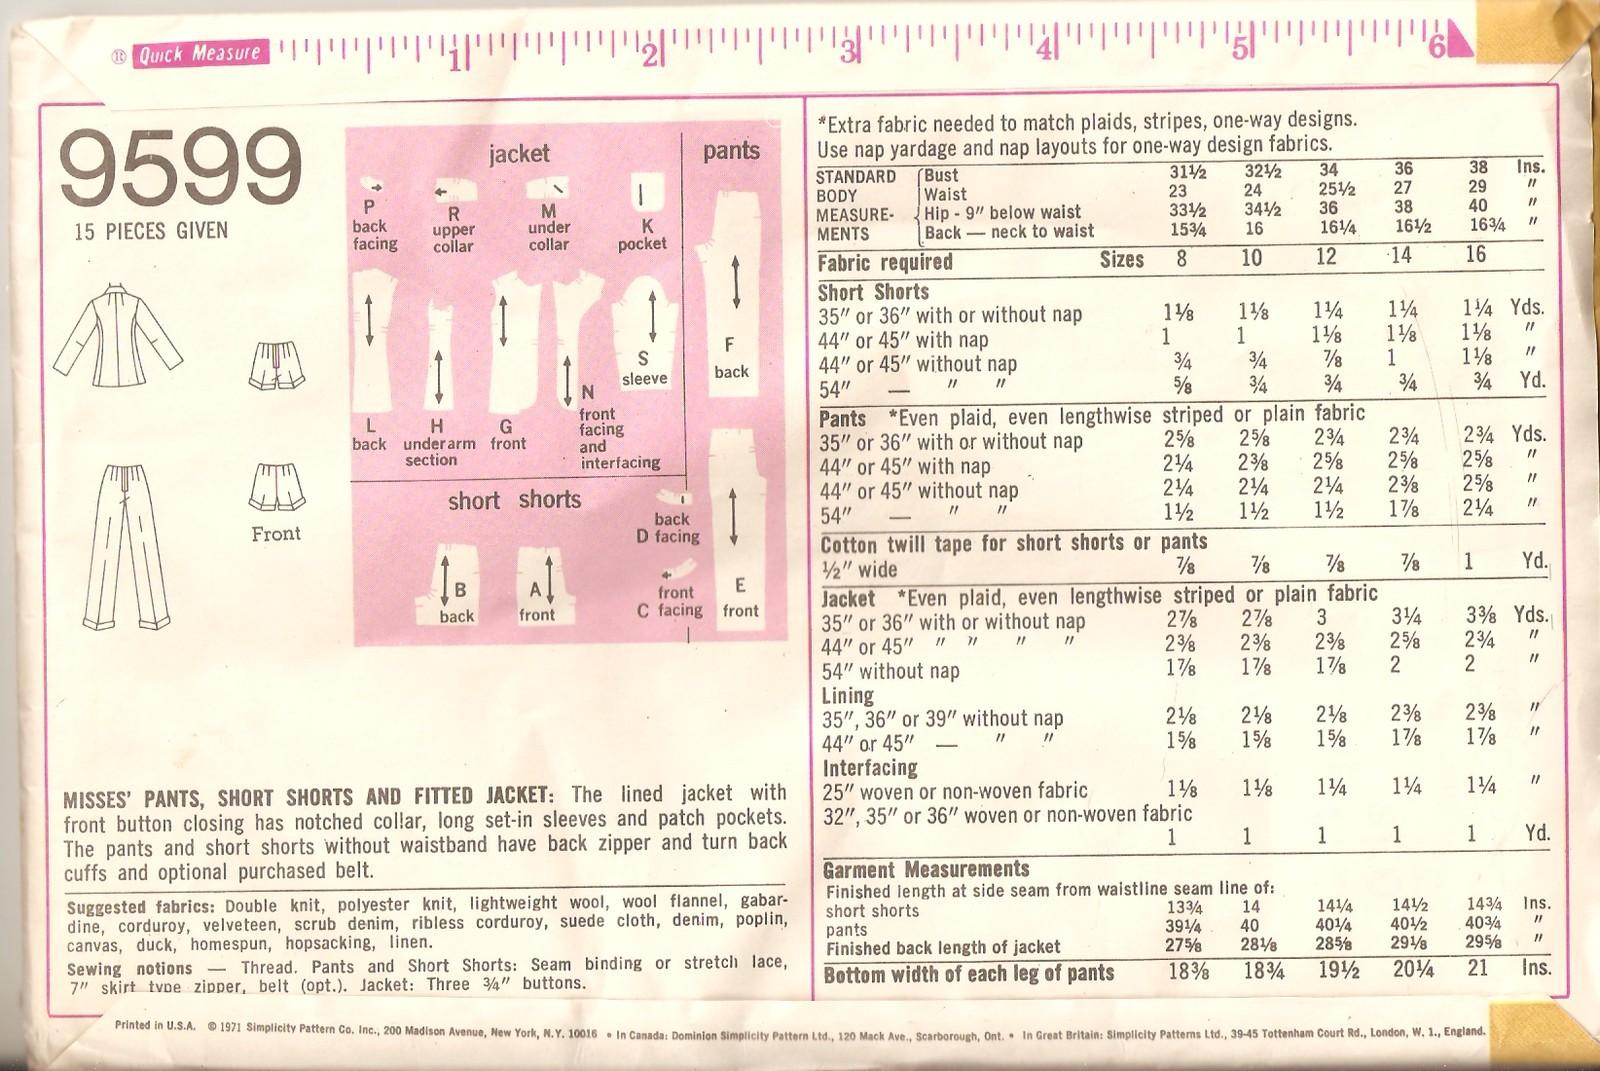 Vintage 1971 Pants, Shorts & Jacket Misses Size 14 Pattern Simplicity 9599 UNCUT